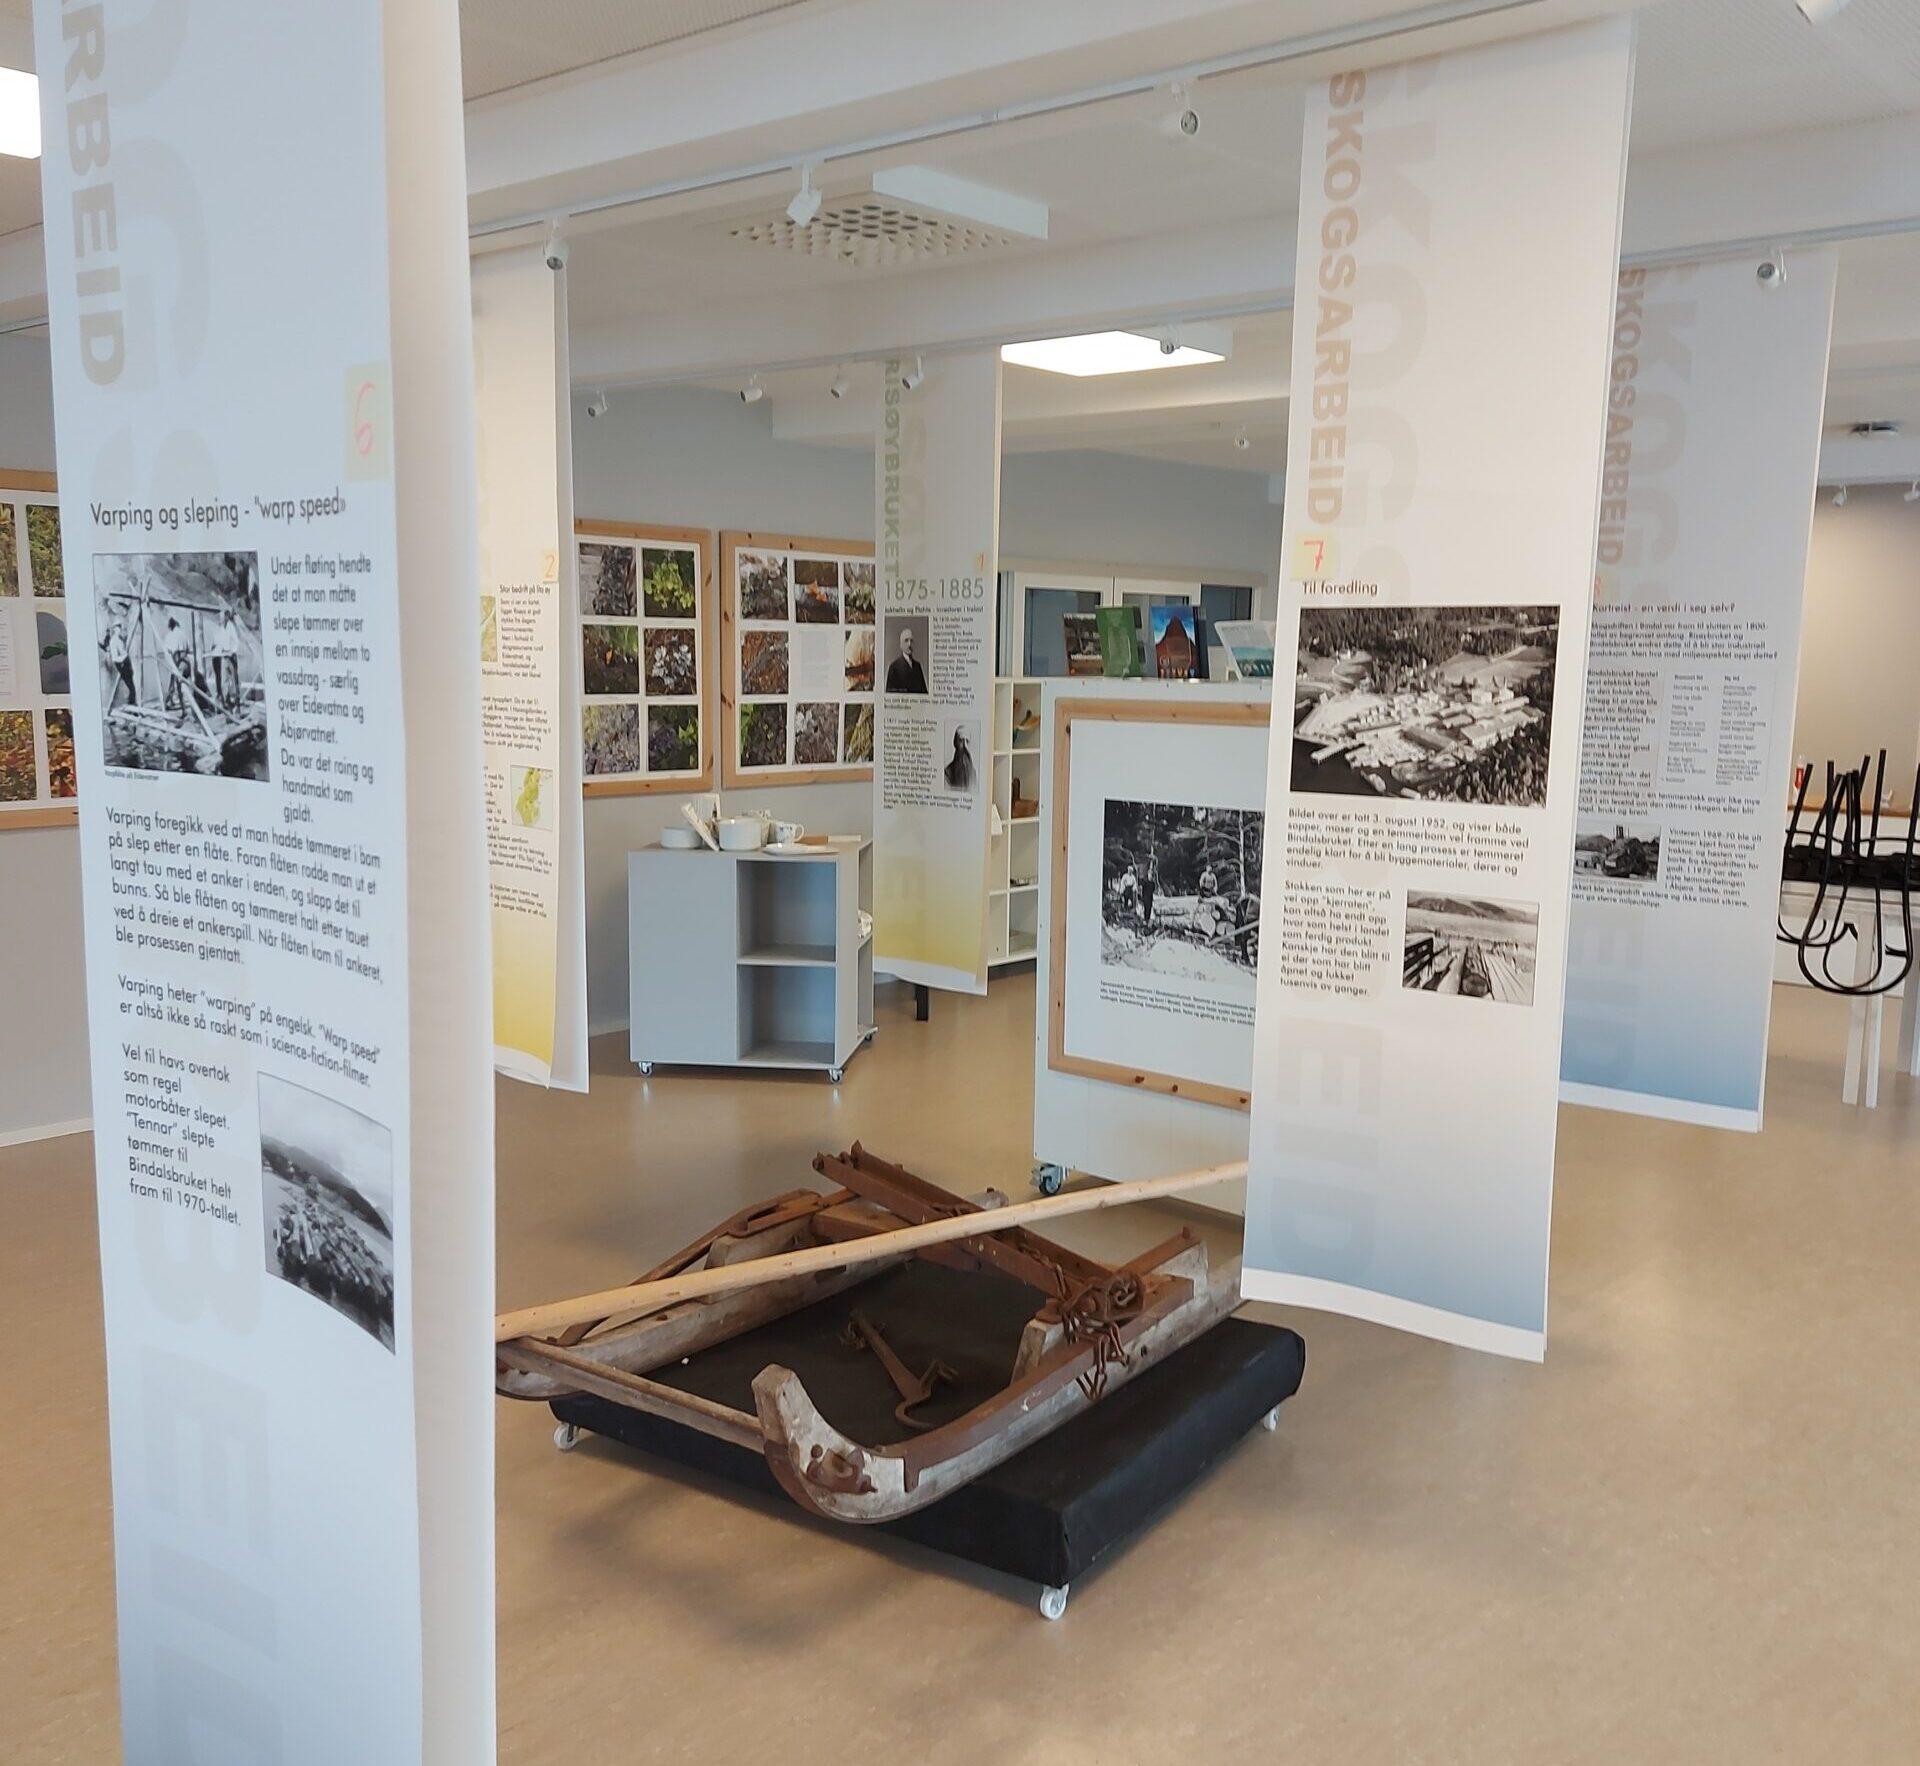 Viser del av utstillingen ved Bindal museum